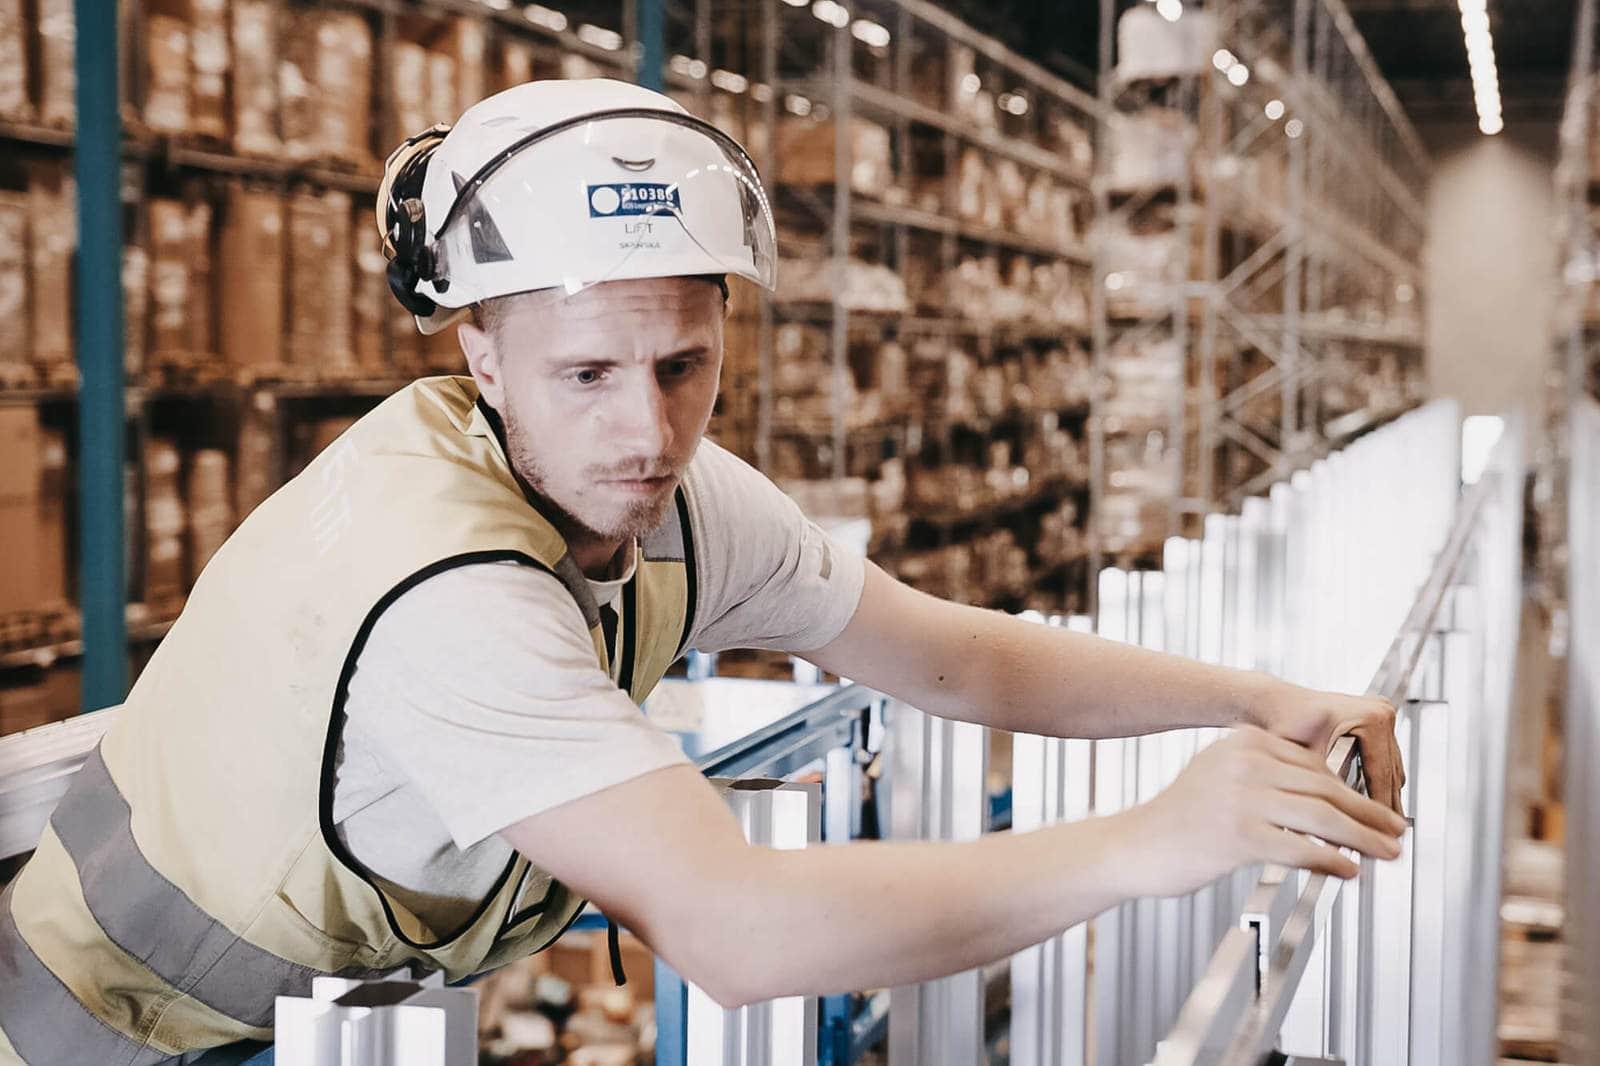 Mężczyzna w kasku i żółtej kamizelce buduje siatkę AutoStore przy użyciu aluminiowych kolumn.